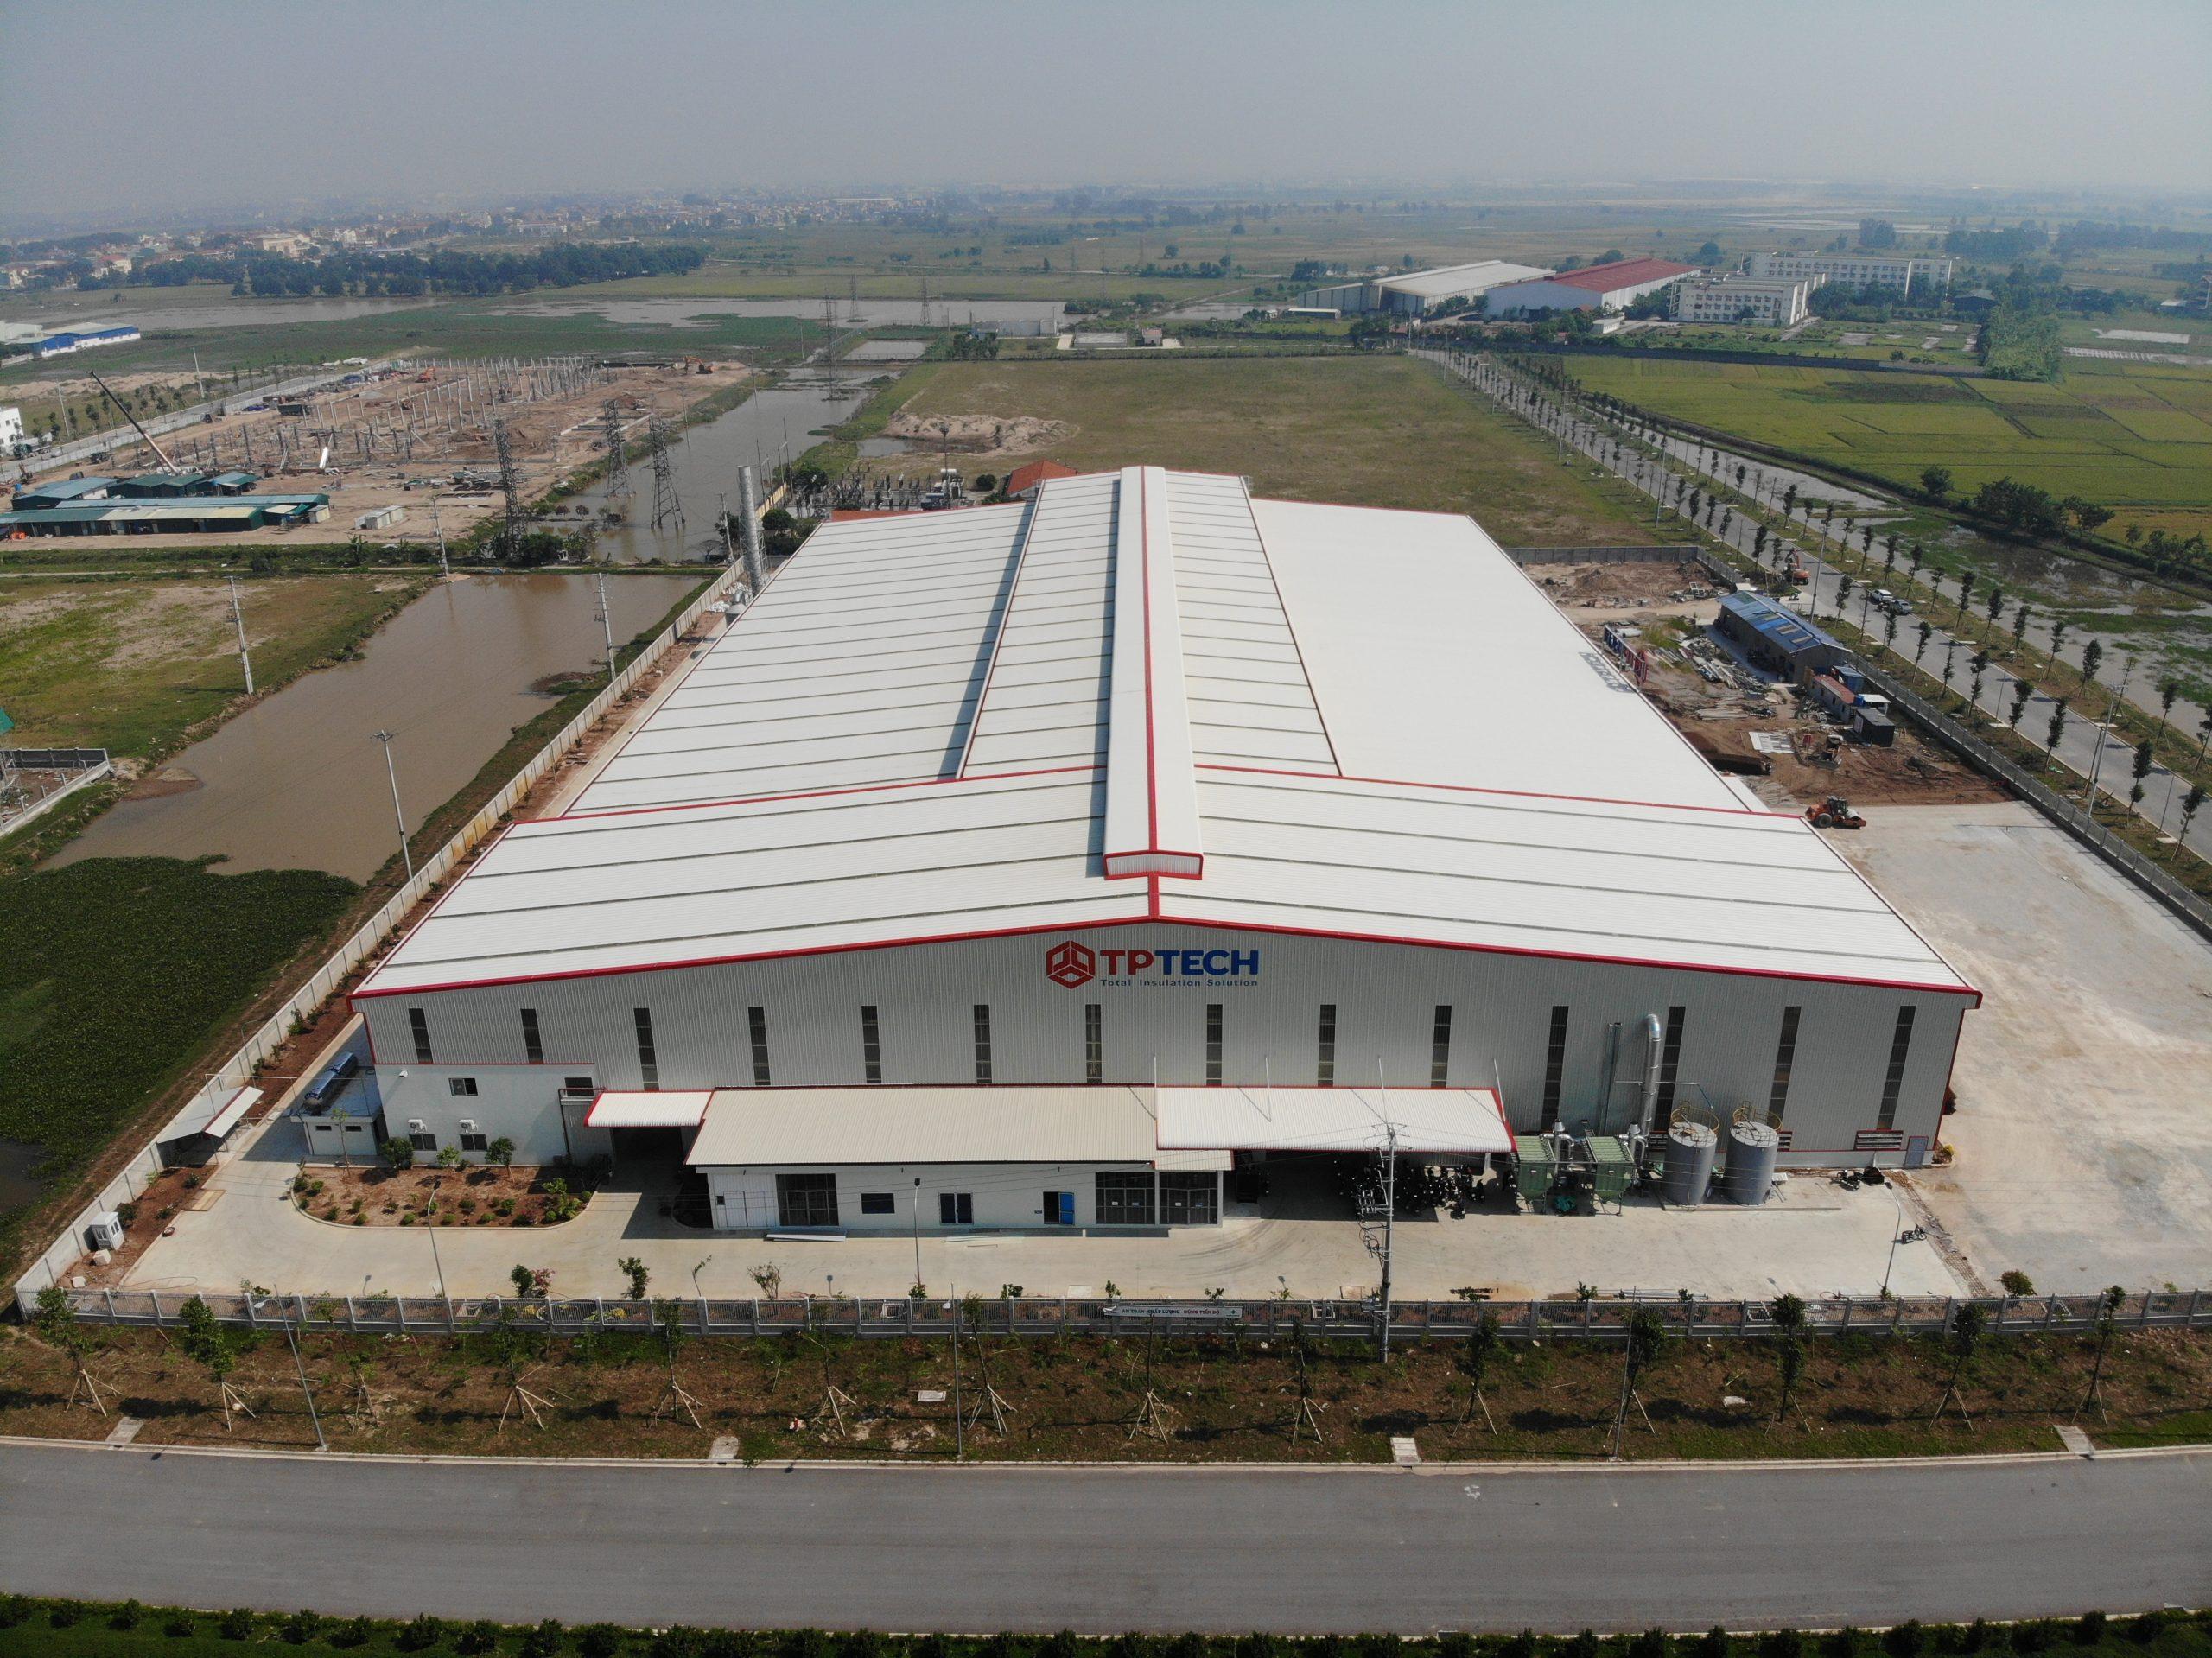 Nhà máy TPTECH tọa lạc tại KCN Yên Mỹ II, tỉnh Hưng Yên